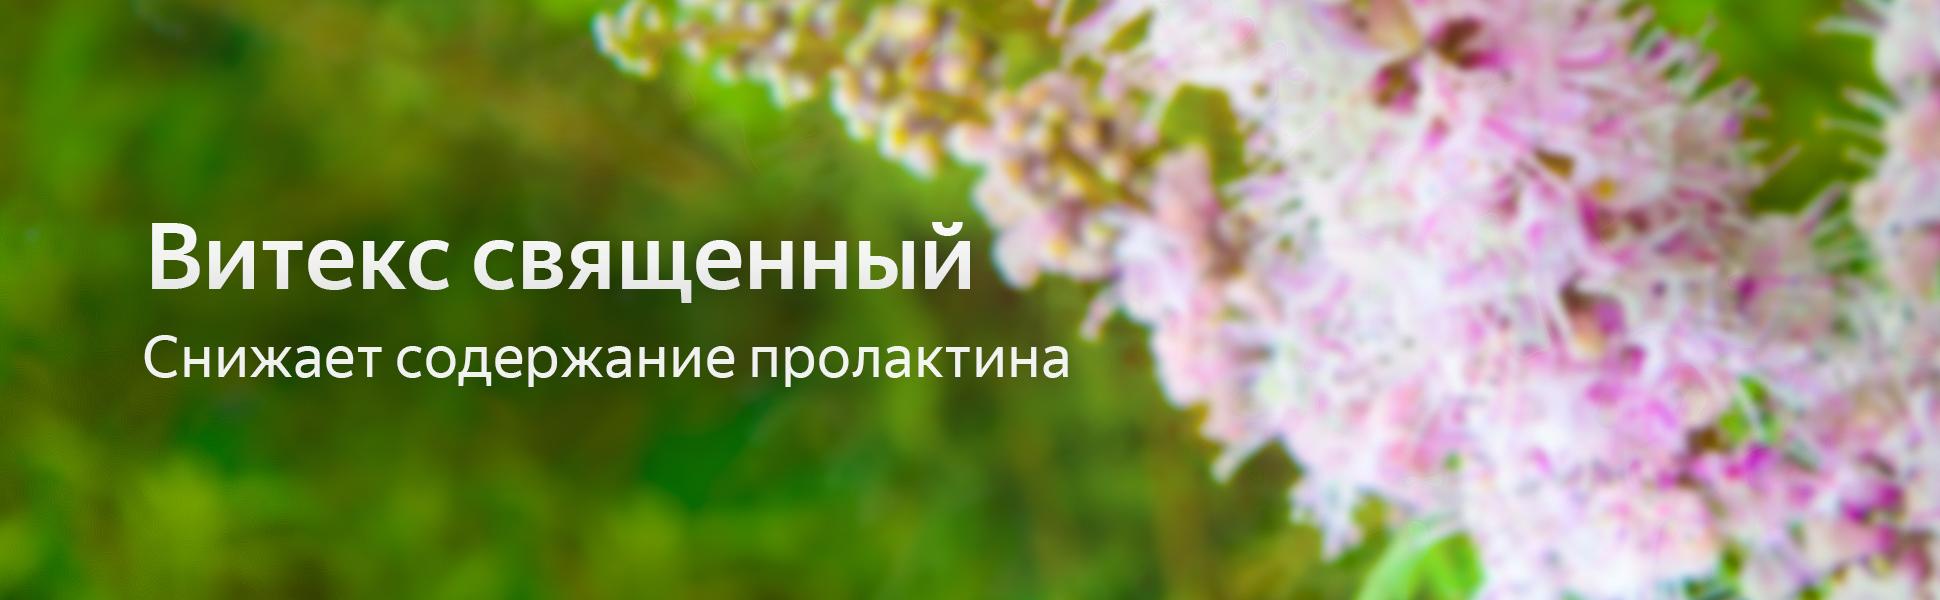 mladomaston_viteks